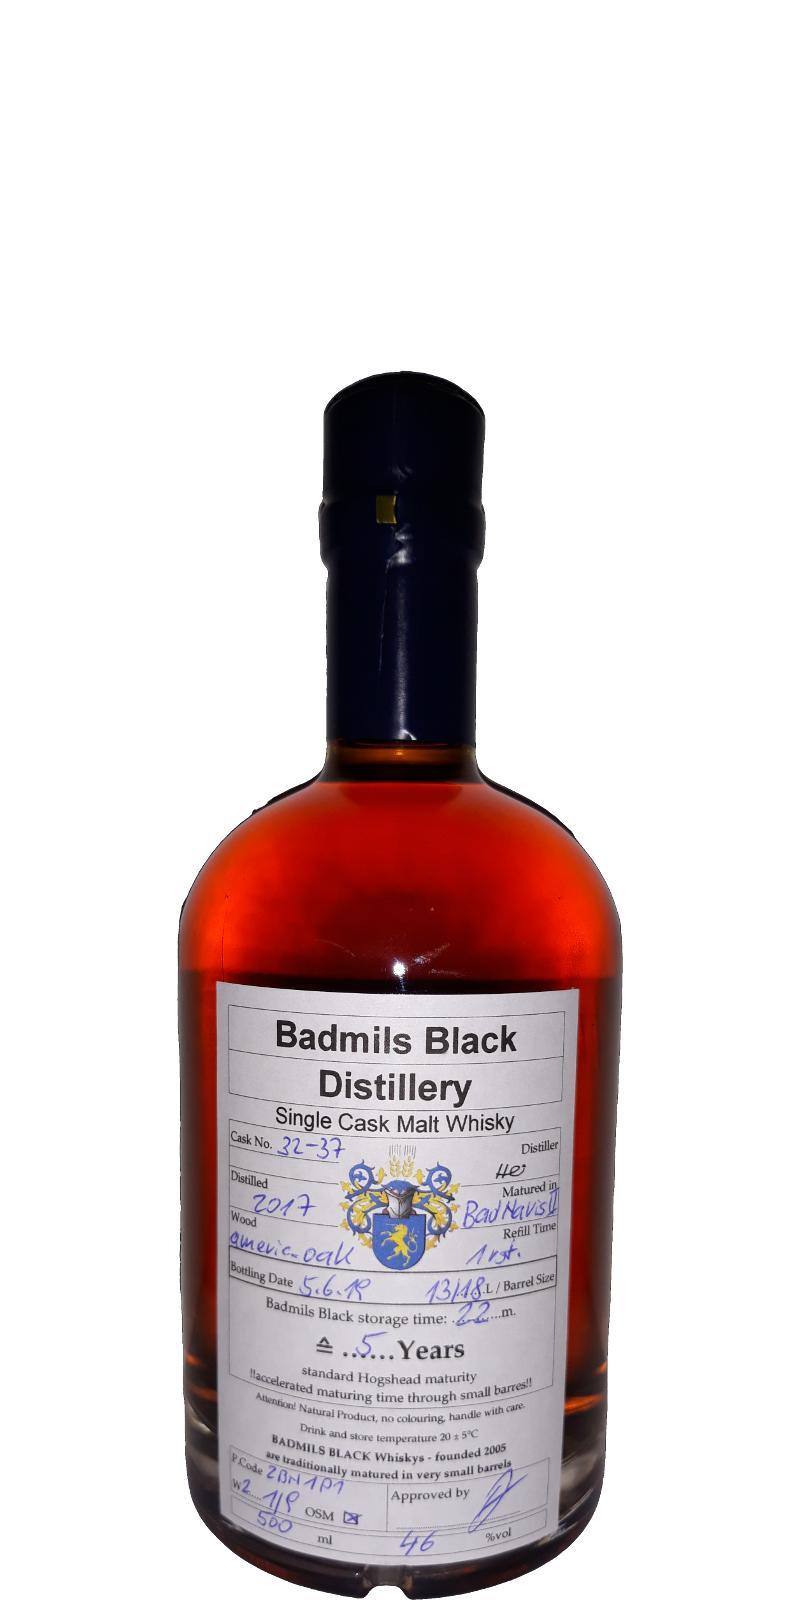 Badmils Black 2017